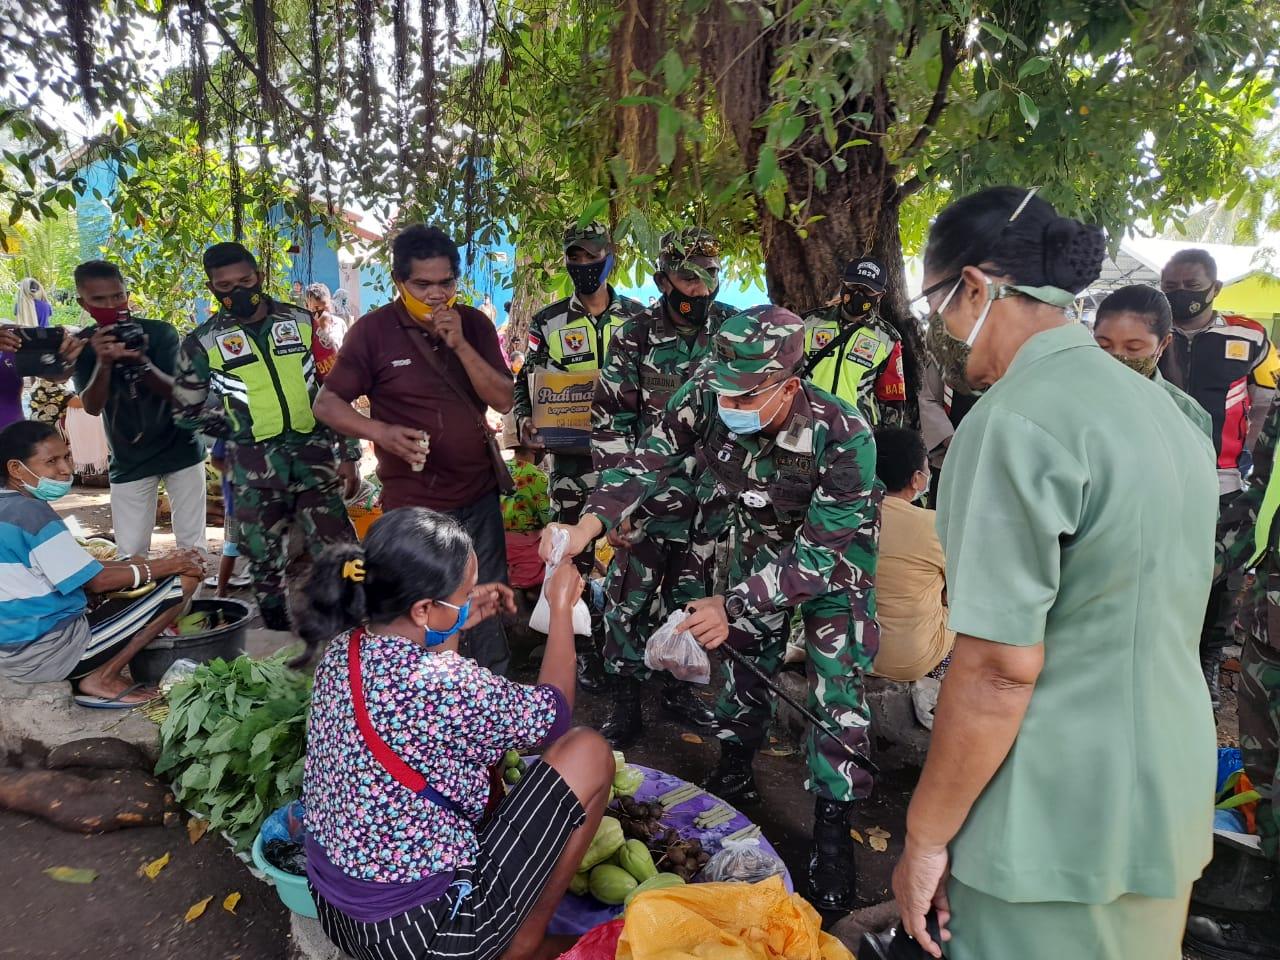 Kunjungi Wulandoni, Dandim 1624/Flotim Puji Kearifan Lokal Dan, Berharap Masyarakat Tetap Taati Protokol Kesehatan.